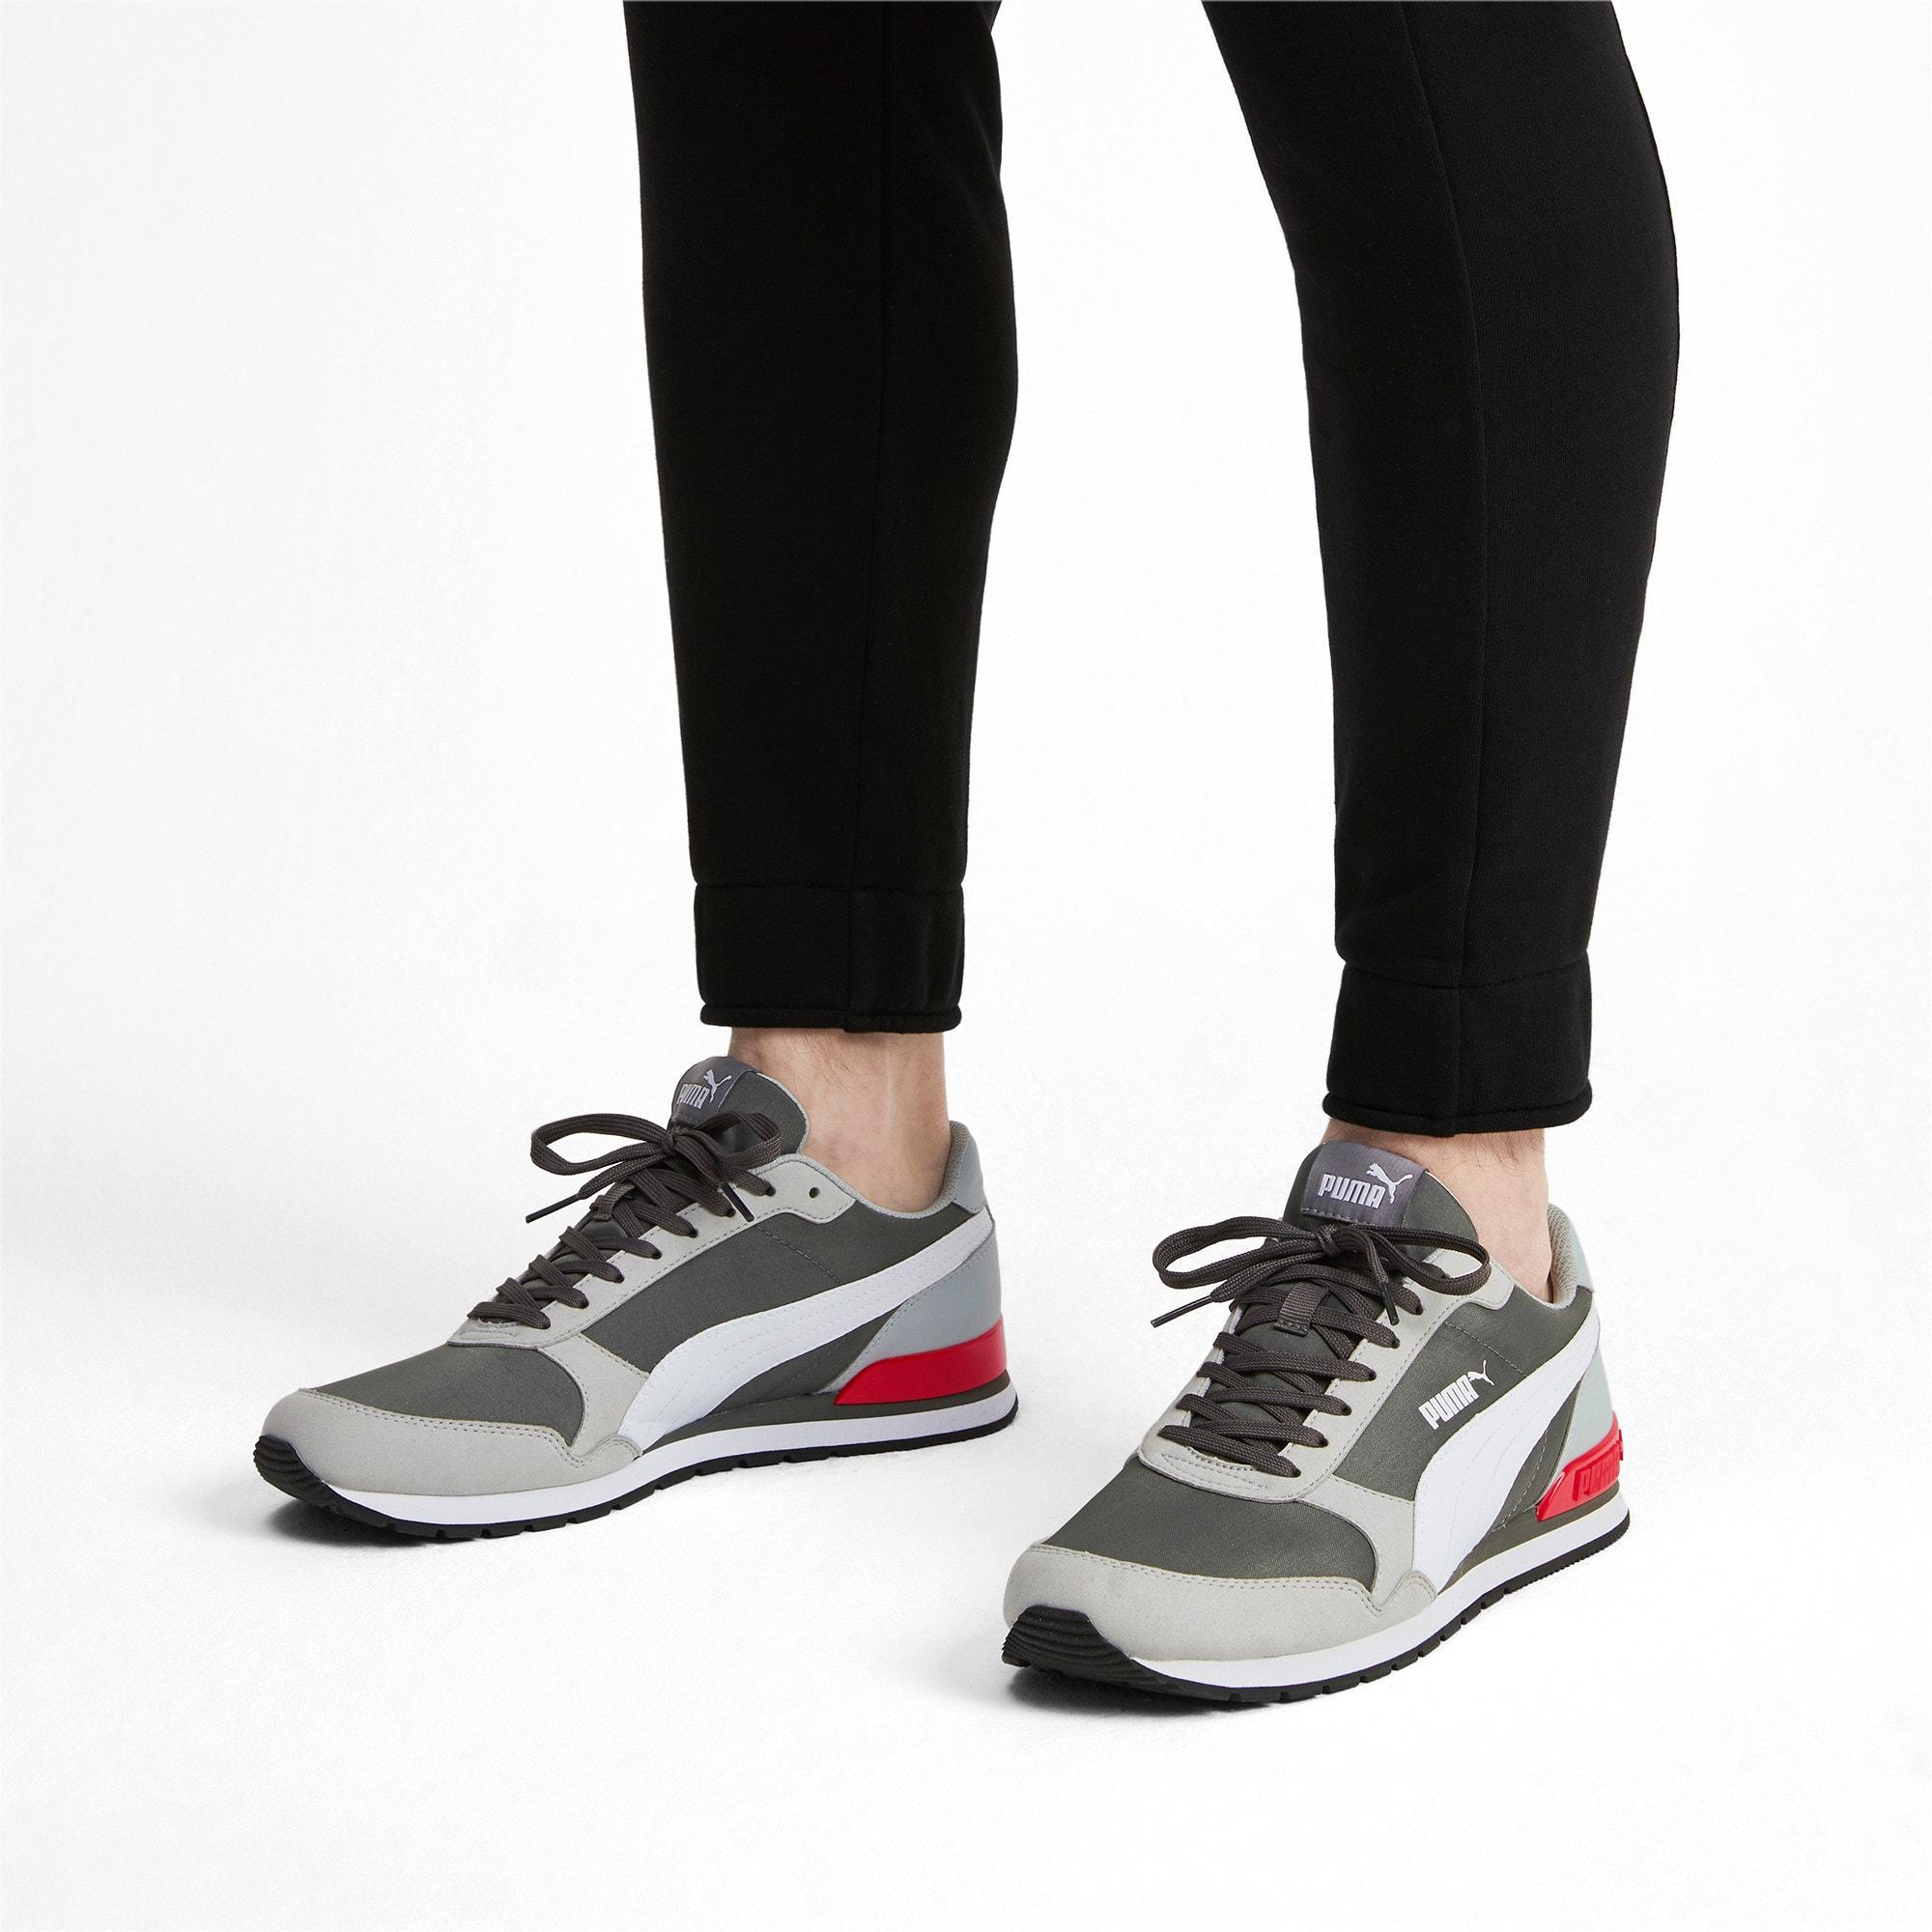 Thumbnail 2 of ST Runner v2 Sneakers, CASTLEROCK-High Rise, medium